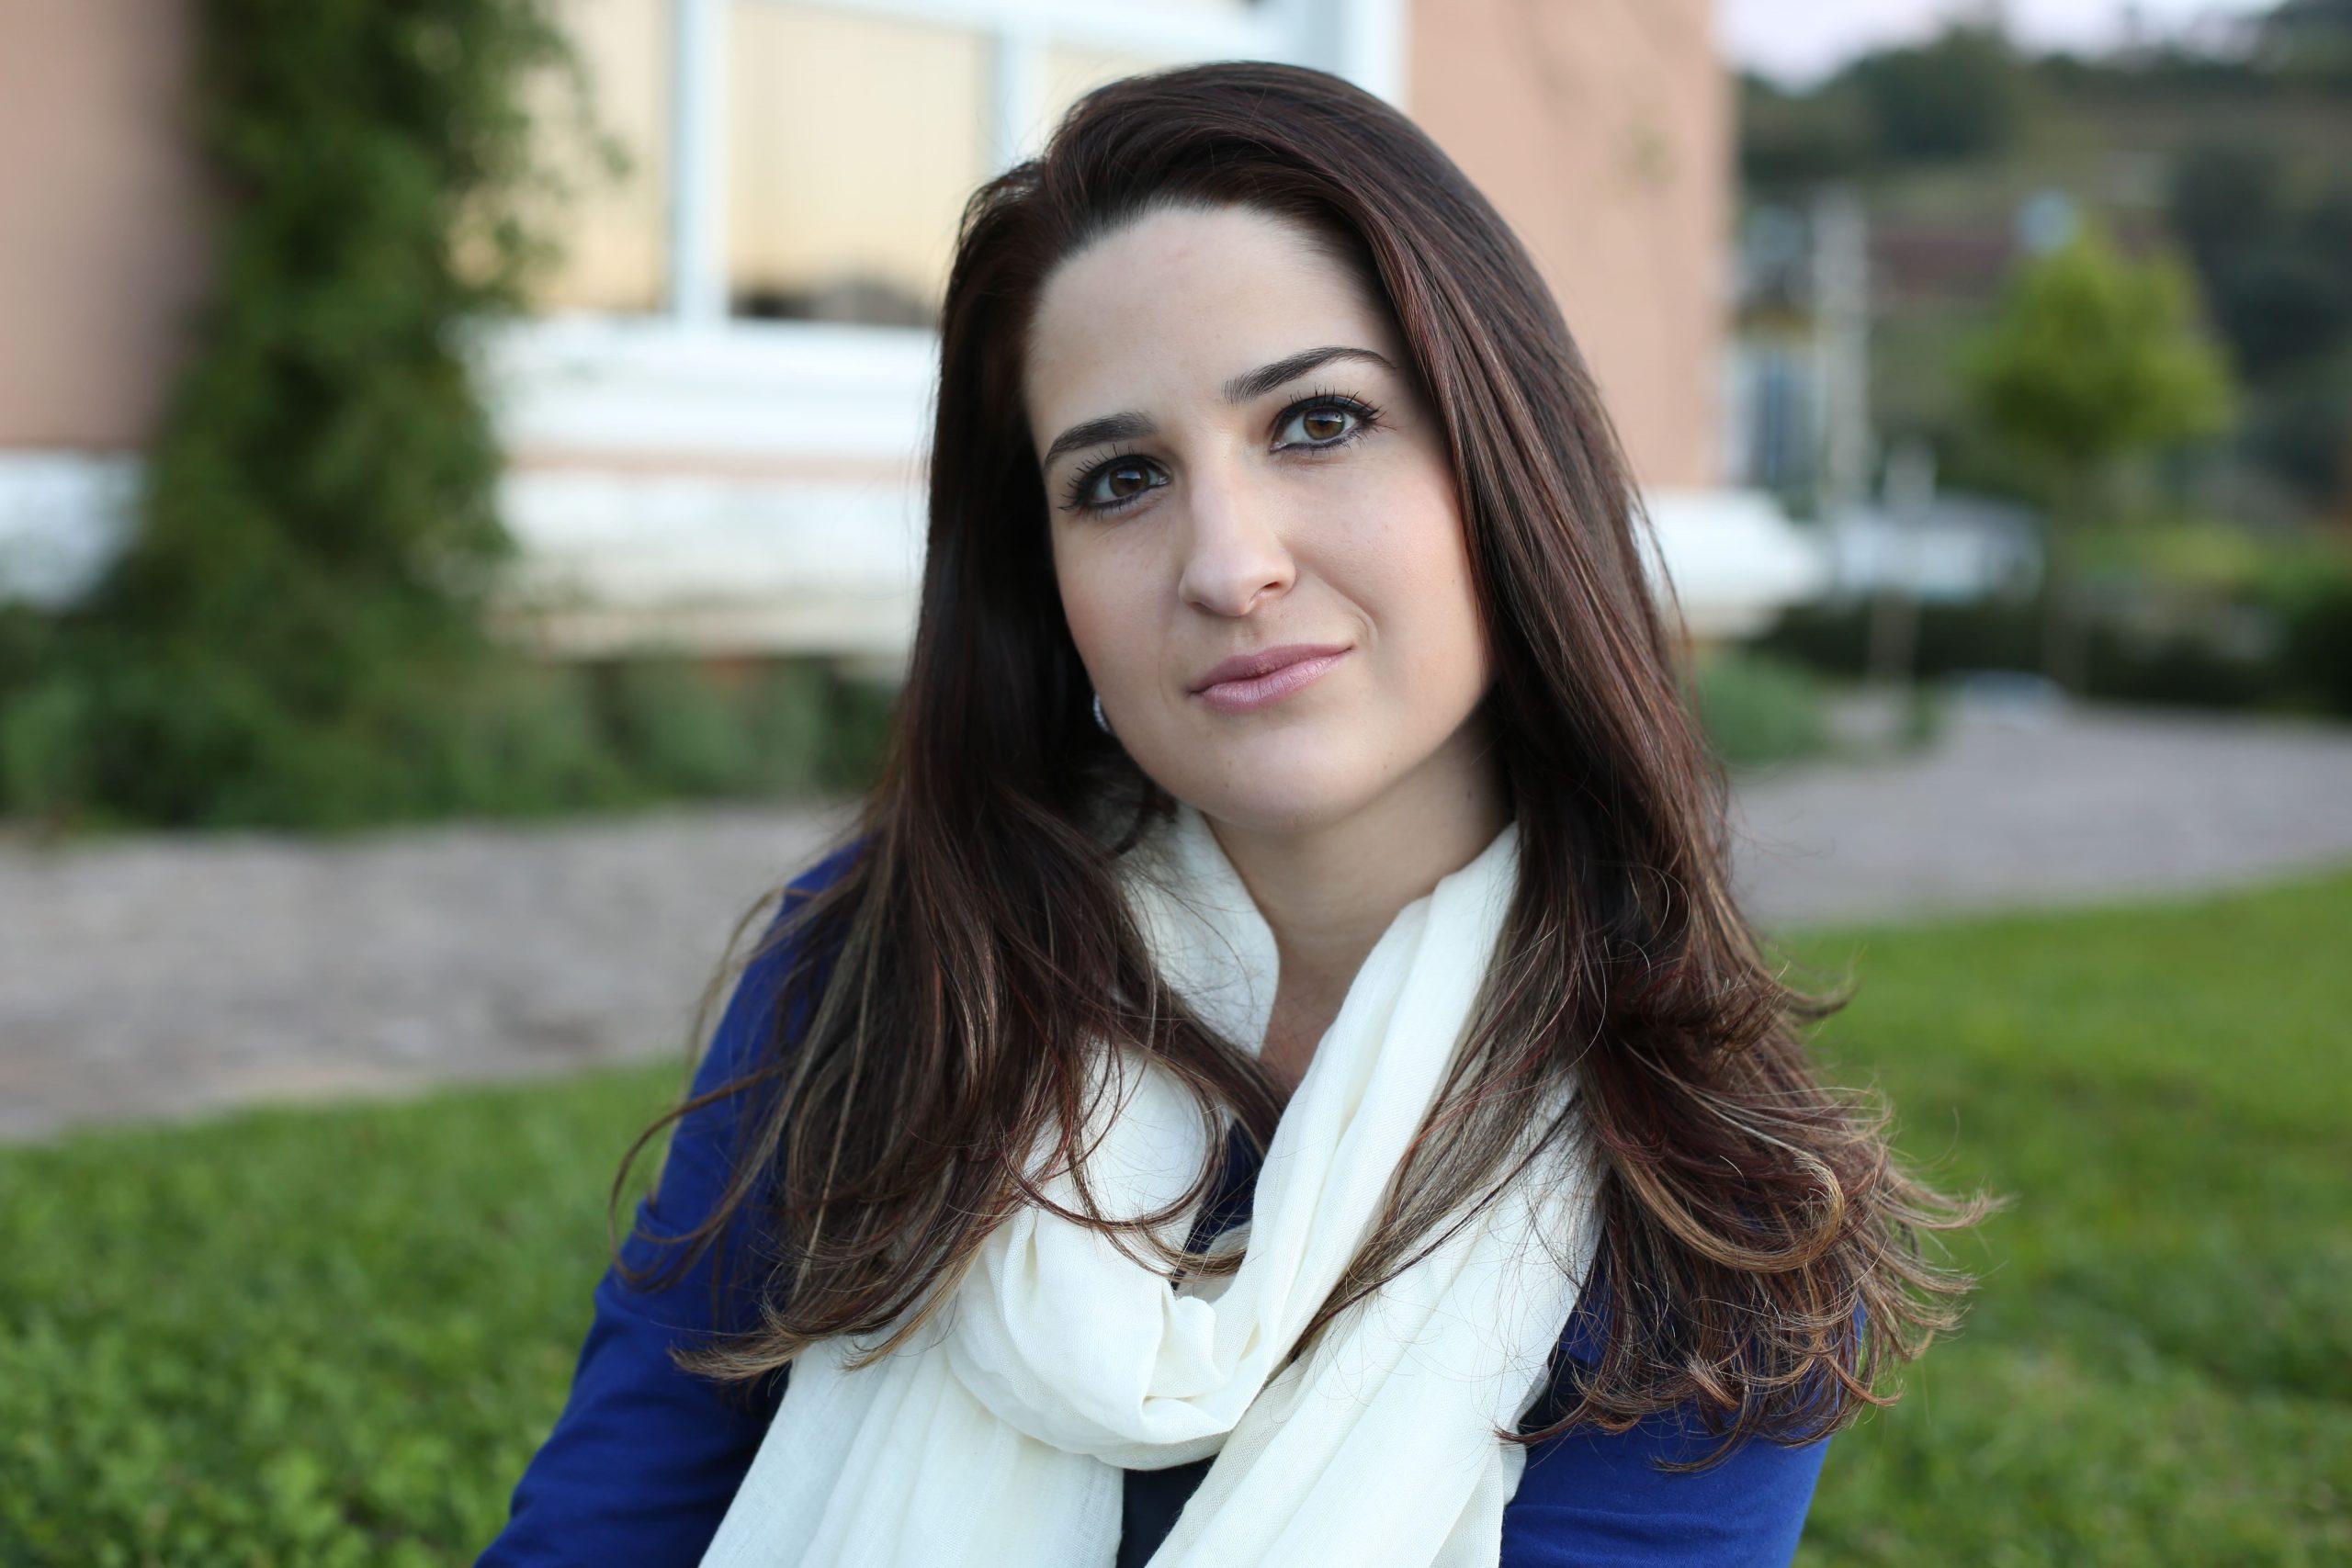 Karla Faccio